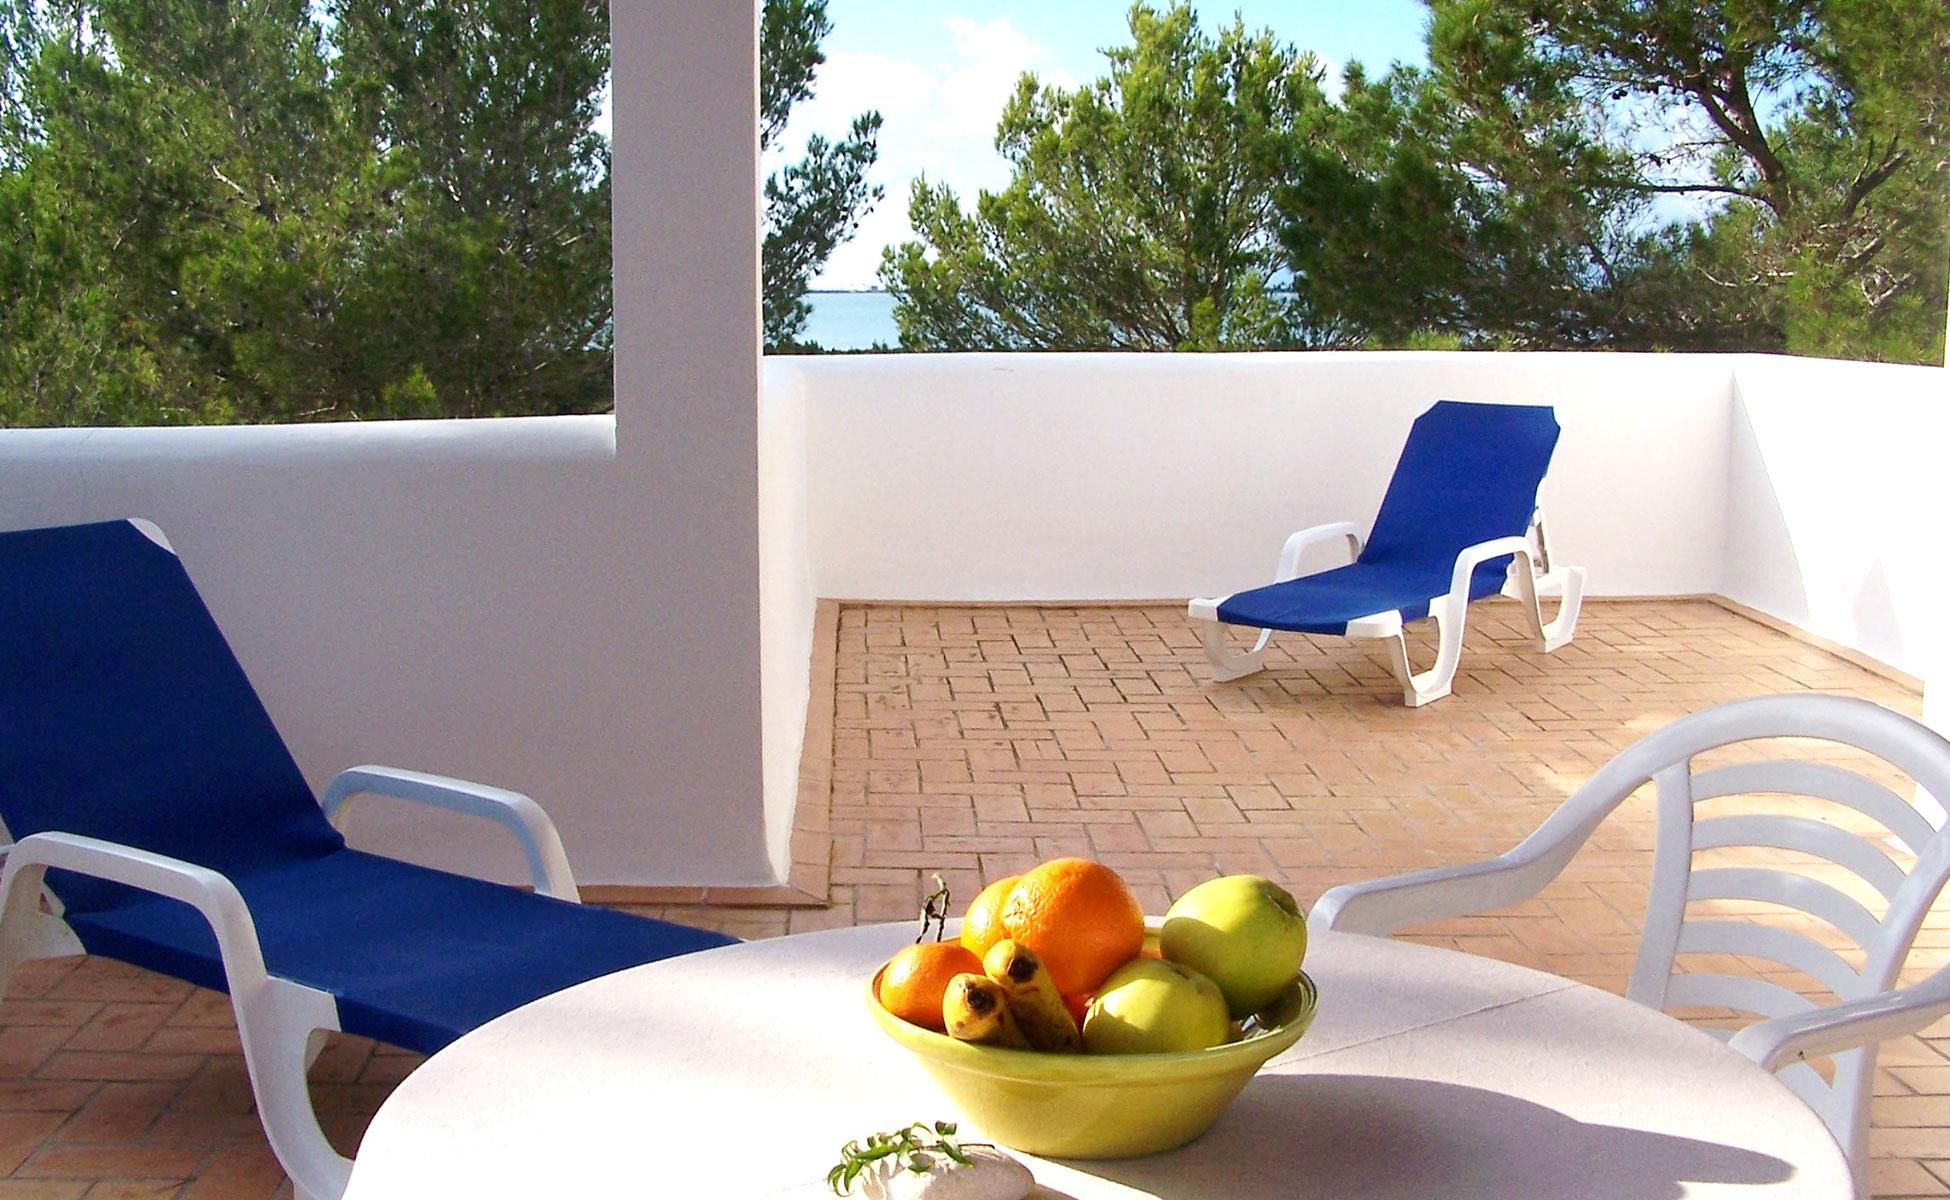 Alojamientos turísticos Cardona. Apartamento vacacional en Formentera en el Parque Natural de Las Salinas.